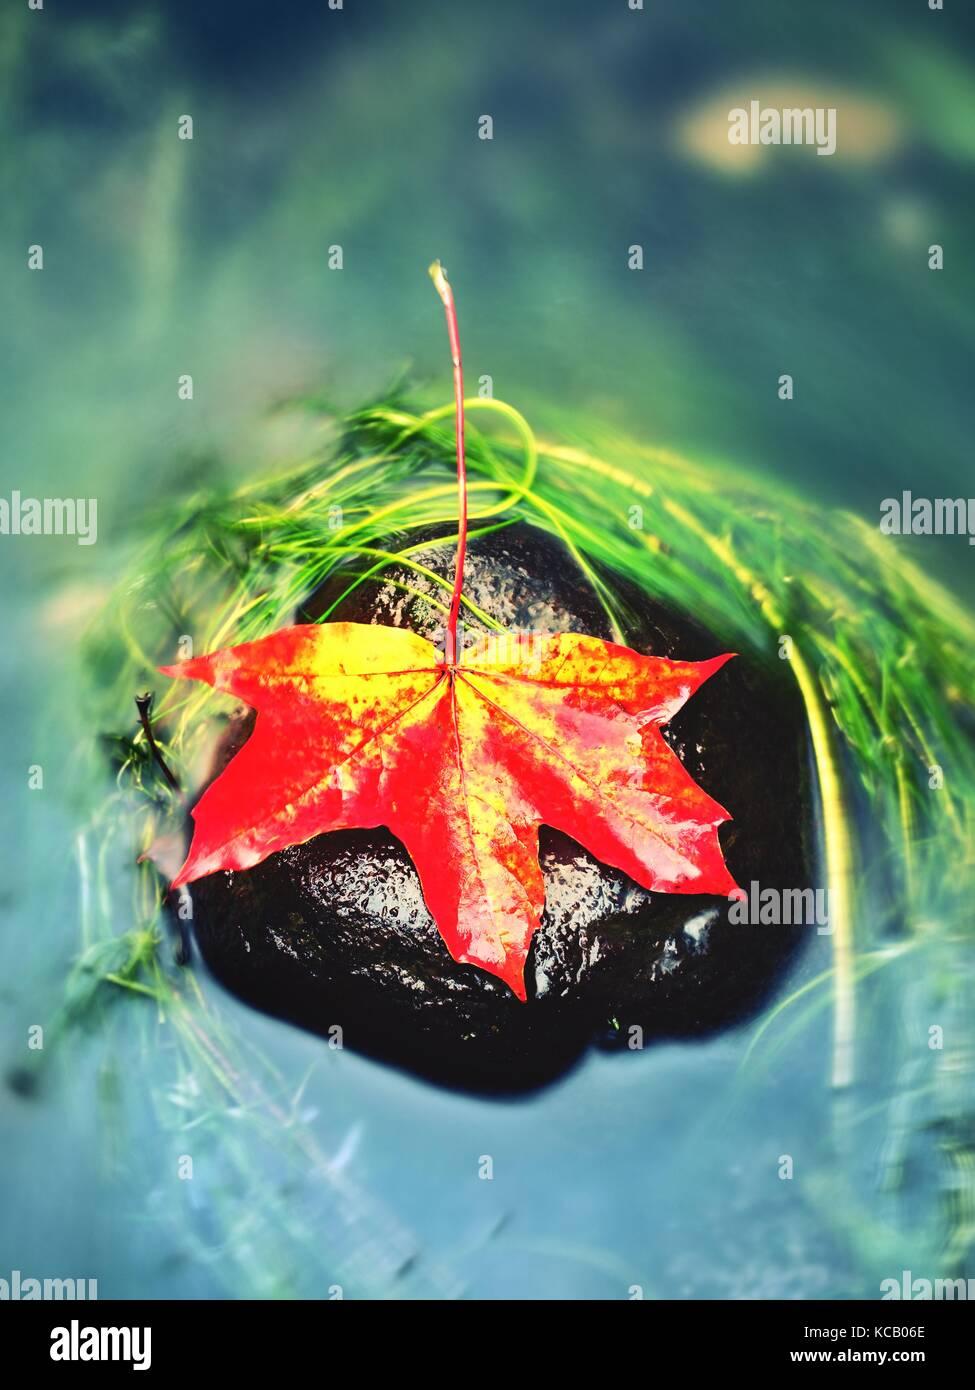 Gelb Orange Maple Leaf auf lange grüne Algen Stein gefangen. Farbenfrohe Symbol der kommenden Herbstsaison. Stockbild